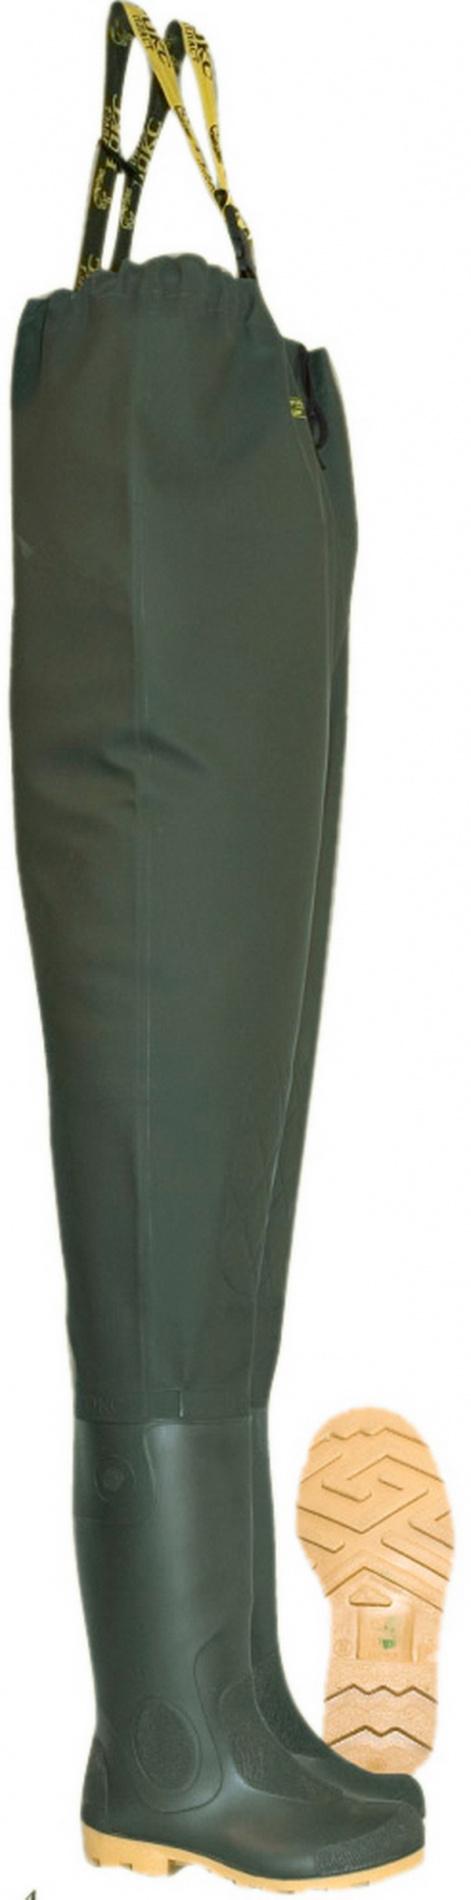 Полукомбинезон рыбацкий мужской Рокс С090 Полукомбинезоны рыбацкие<br>Полукомбинезон с регулируемыми по высоте <br>лямками и пластиковым разделителем на спине, <br>удобным внутренним карманом. Полукомбинезон <br>изготовлен из водонепроницаемого материала <br>(трикотажного полотна пропитанного ПВХ) <br>и приварен к сапогам.<br><br>Пол: мужской<br>Размер: 44(285)<br>Сезон: лето<br>Цвет: оливковый<br>Материал: сапог - ПВХ